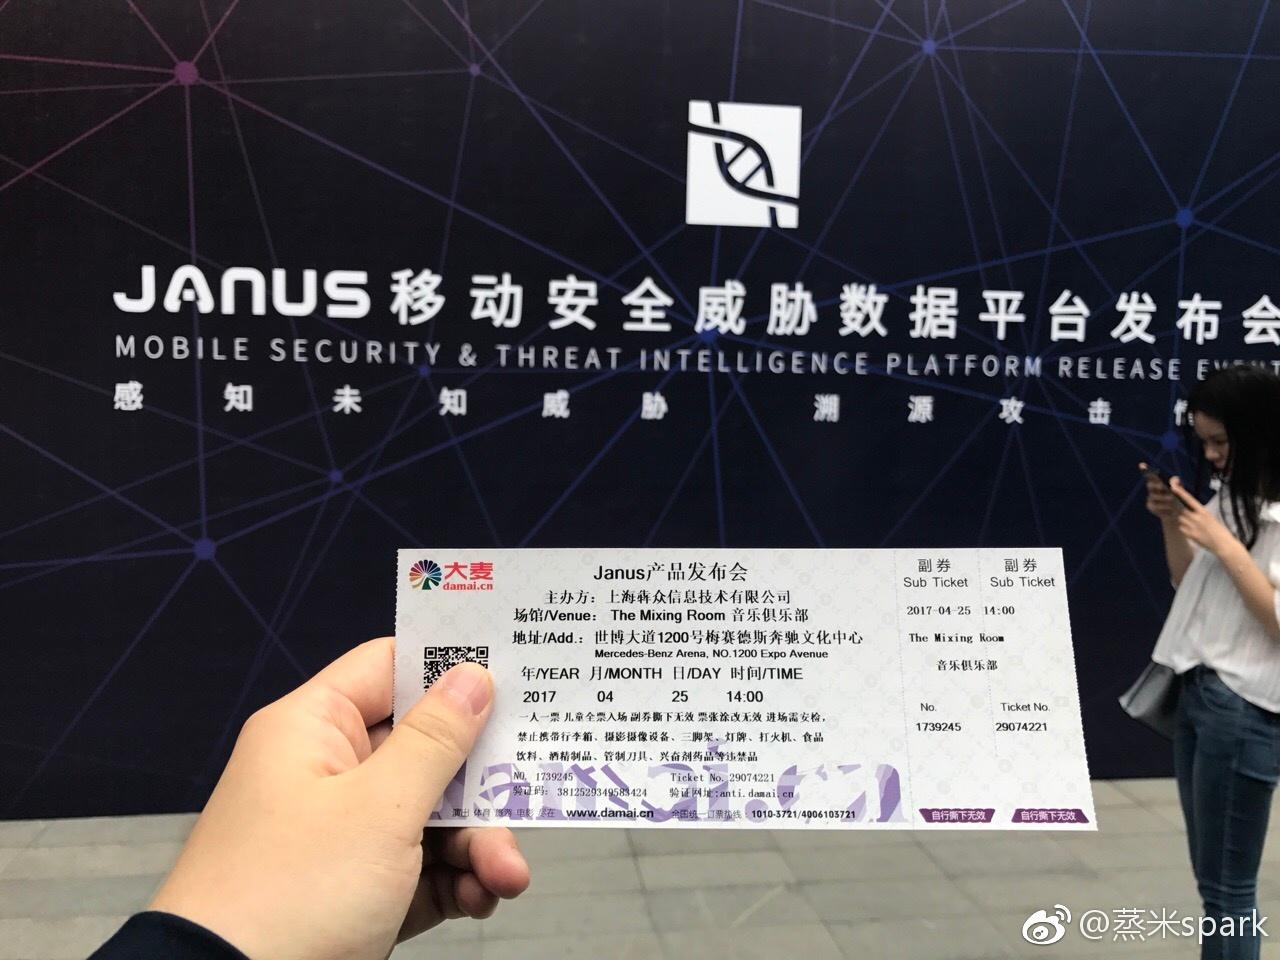 Ticket für die Janus Konferenz in Shanghai